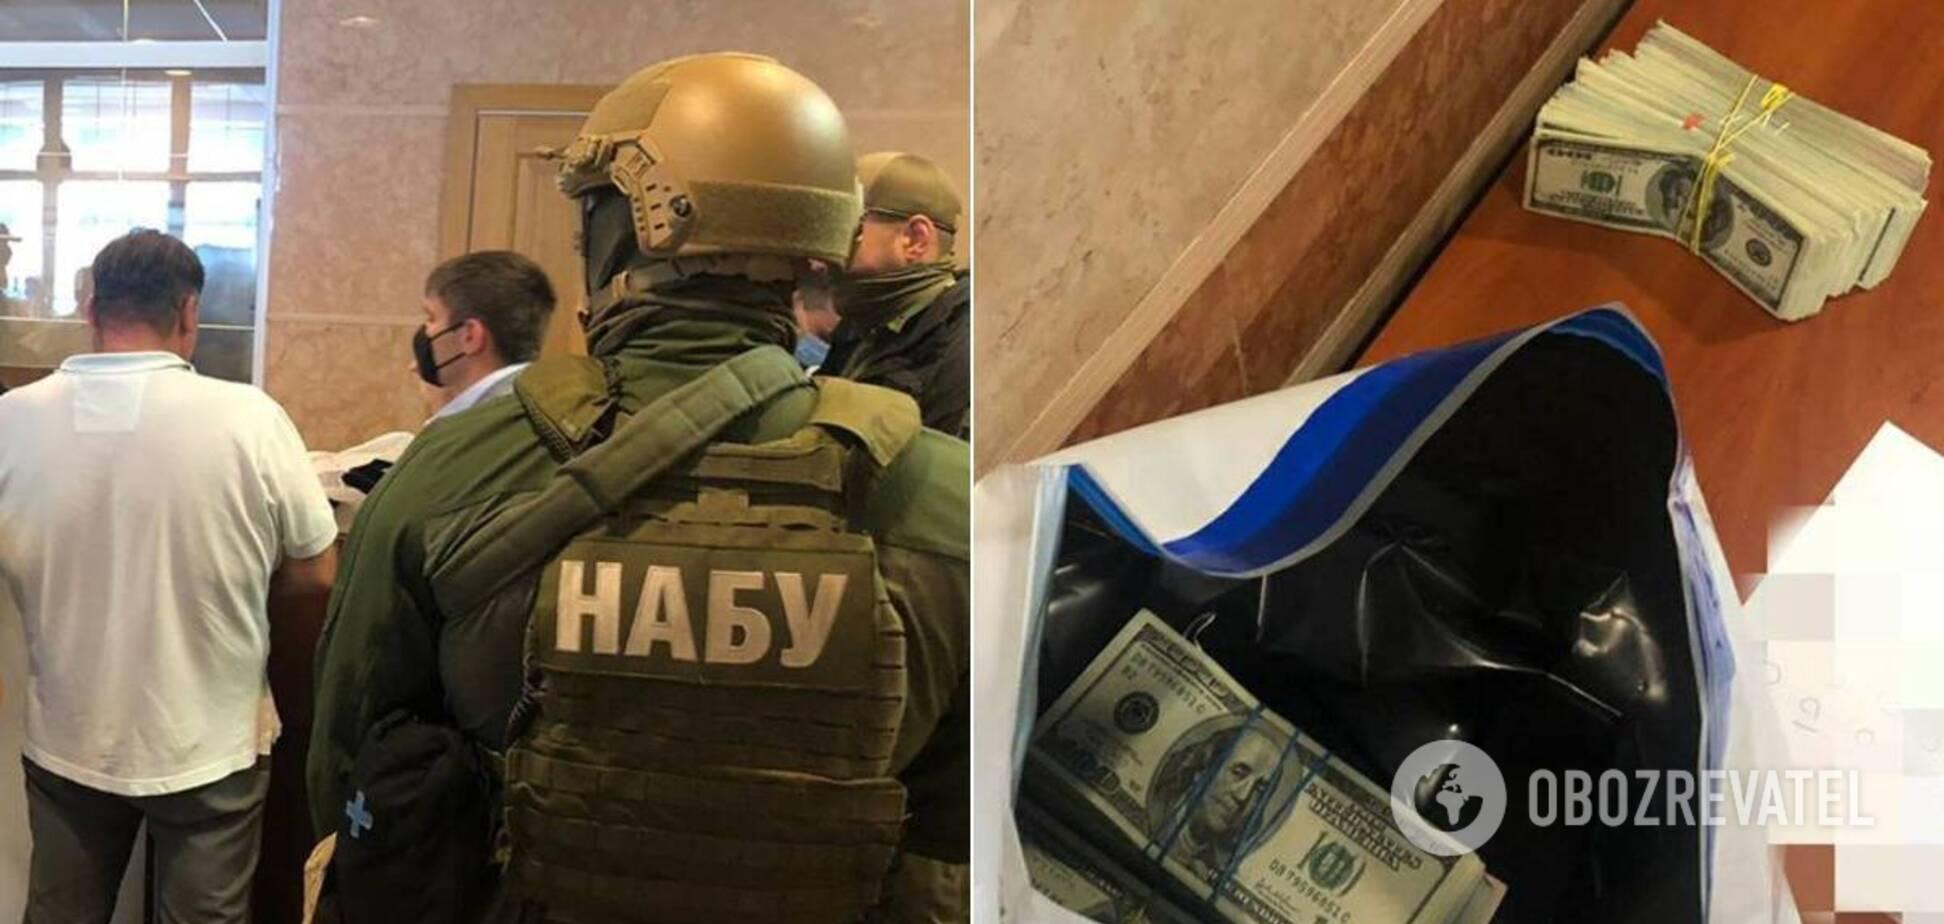 НАБУ затримало чоловіка, який намагався підкупити главу ФДМУ